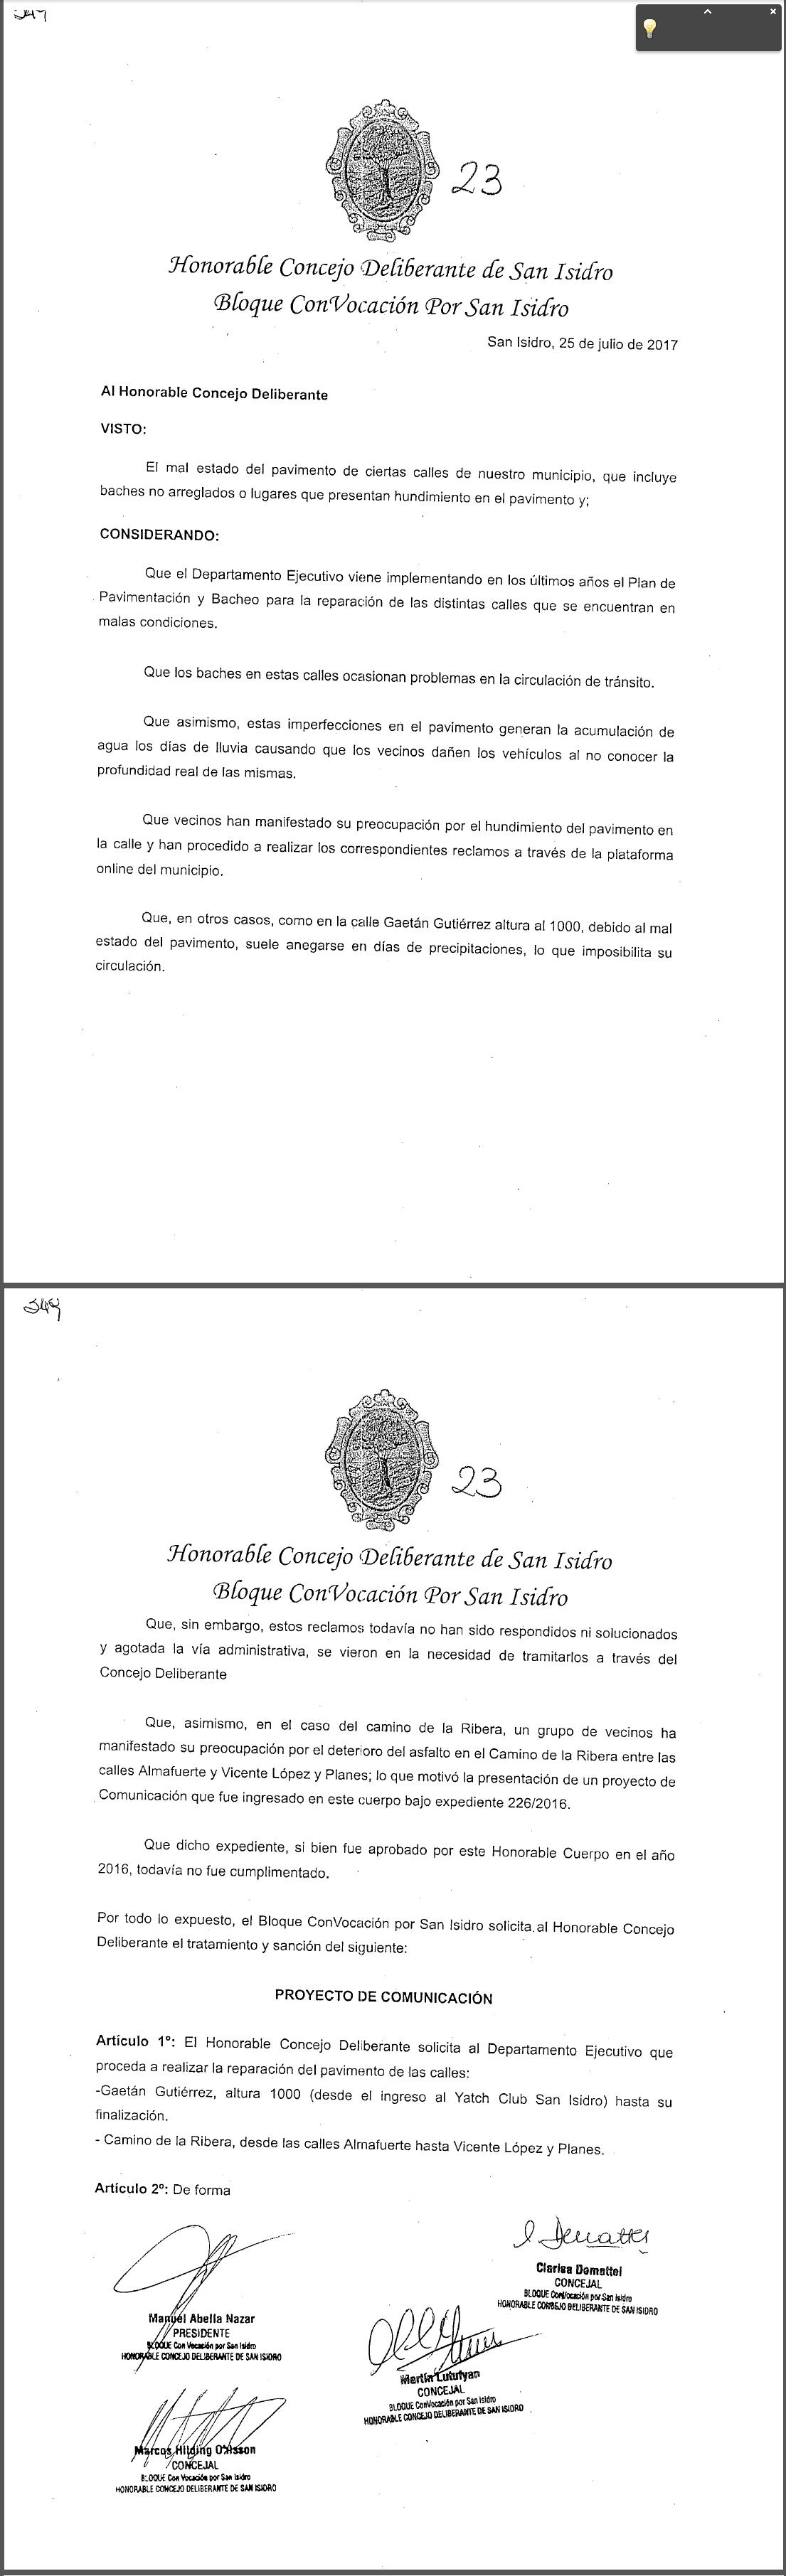 Muebles El Cepo Beccar - La Reparaci N Del Pavimento En Las Calles Gaet N Gutierrez Y [mjhdah]http://www.convocacion.org.ar/HCD/Proyectos/351-HCD-2017.png